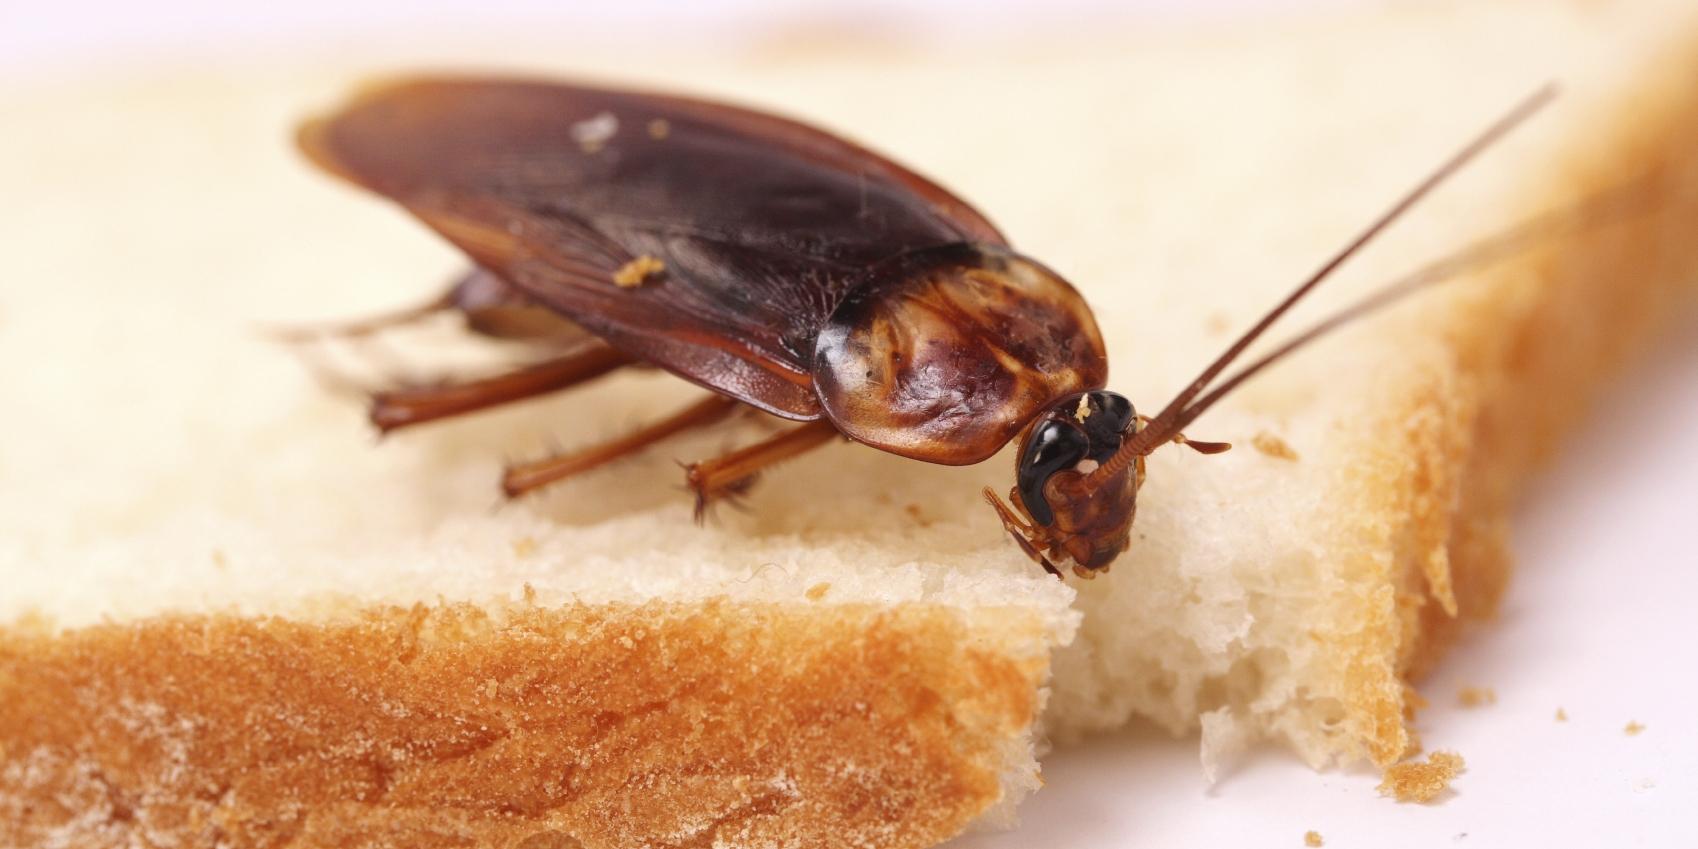 Чтобы тараканы ушли из квартиры, нужно создать невыносимые для них условия: чистый стол, чистая посуда, отсутствие воды. Оставленные продукты на столе — счастливая жизнь для насекомых!